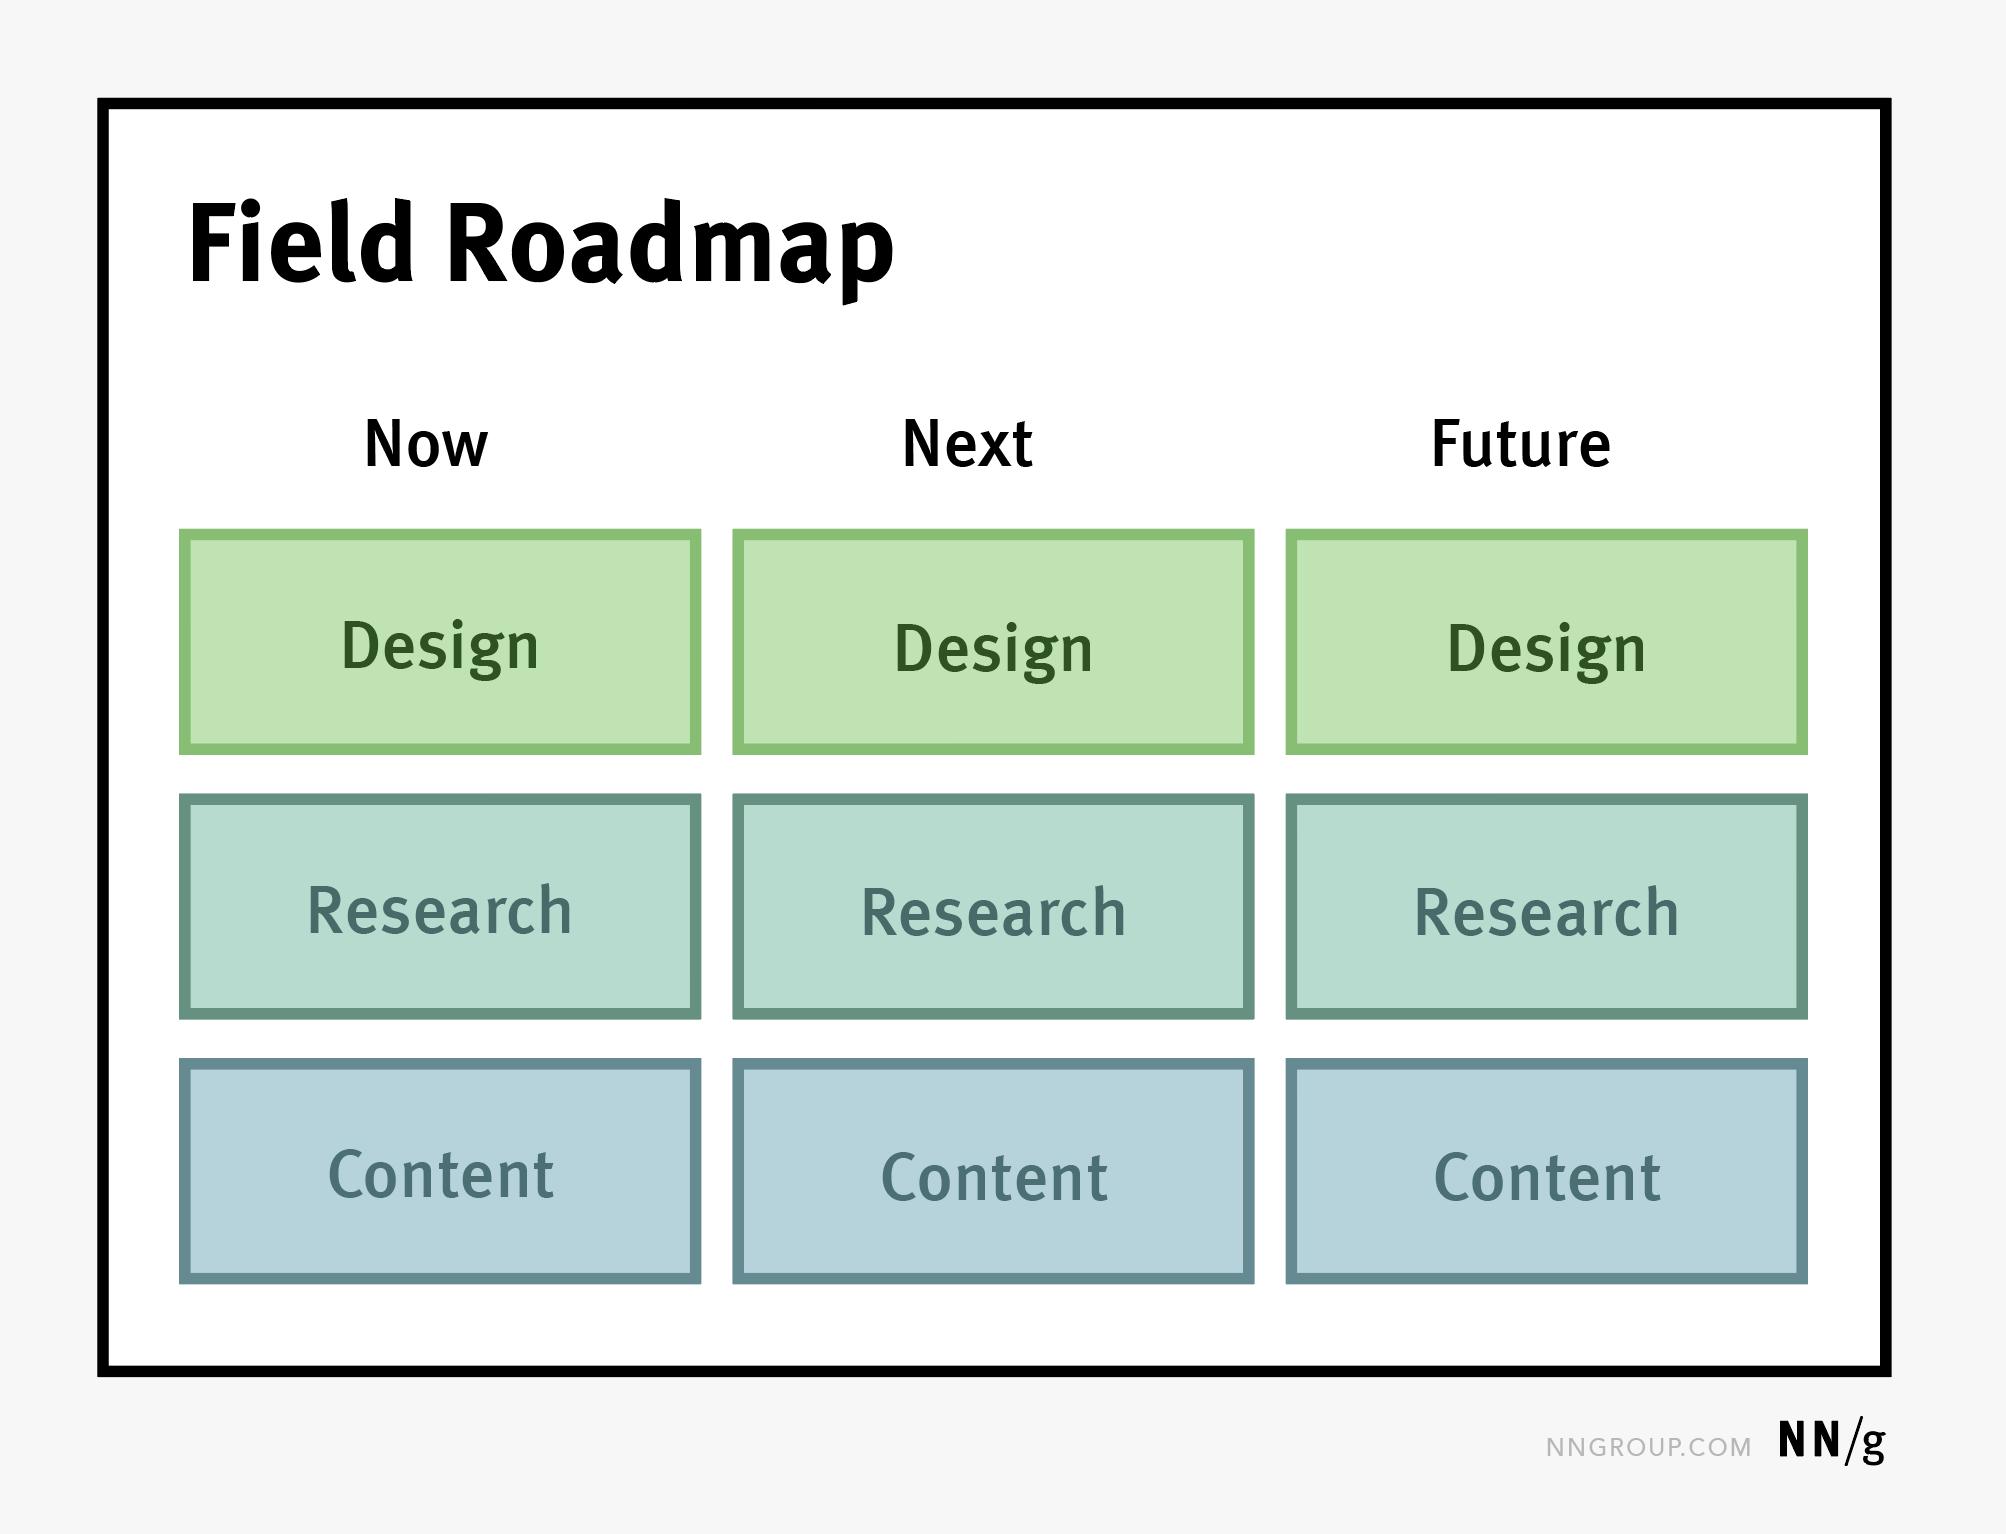 实地路线图描绘用户体验工作,包括研究、设计和内容。